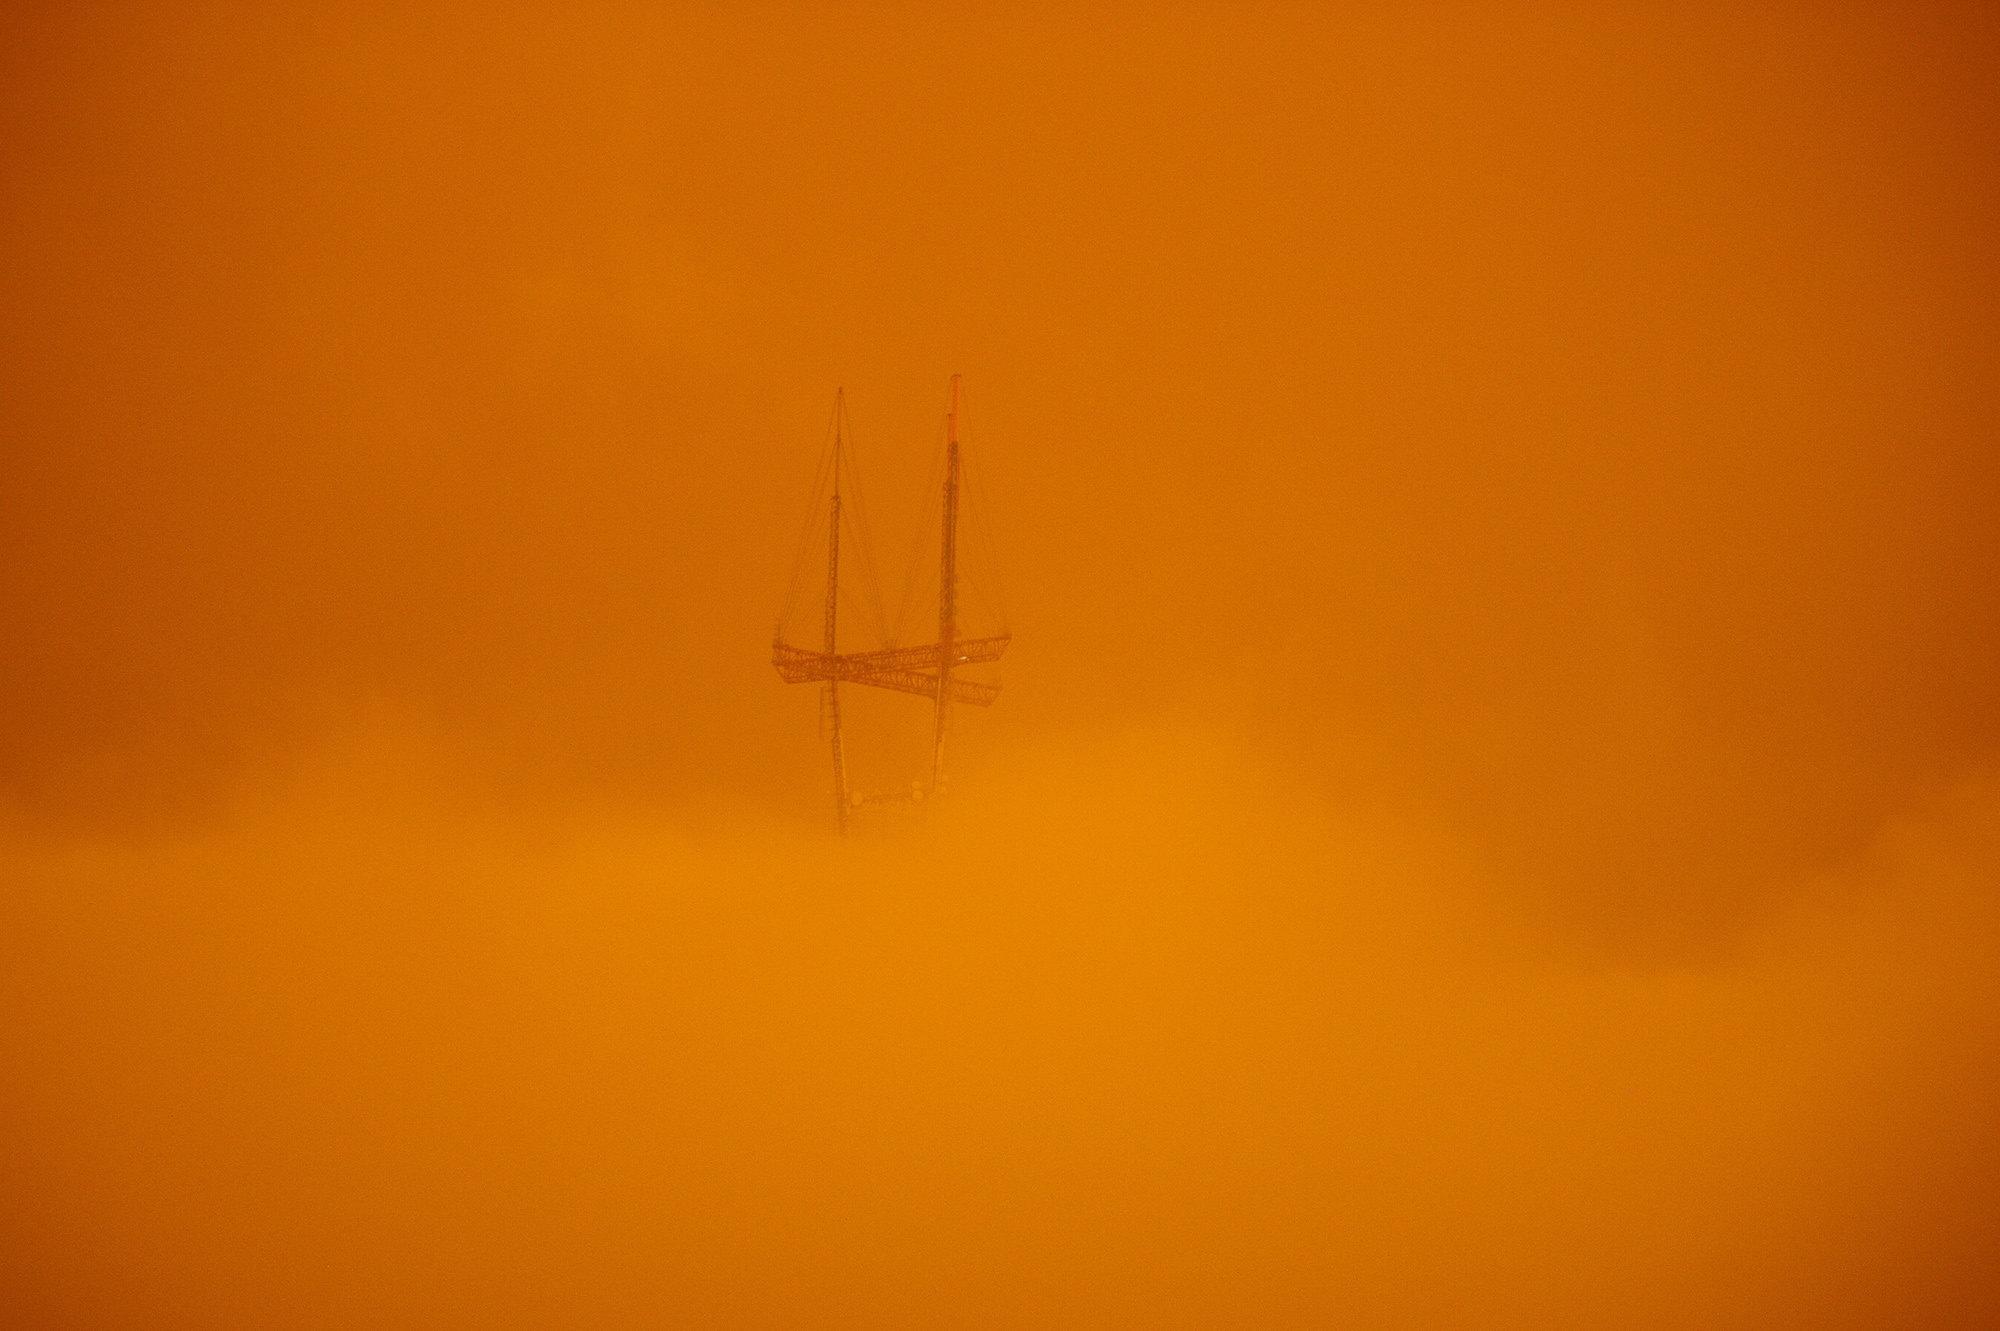 В районе залива дымка держится выше уровня земли, поэтому местные жители почти нечувствуют запаха.